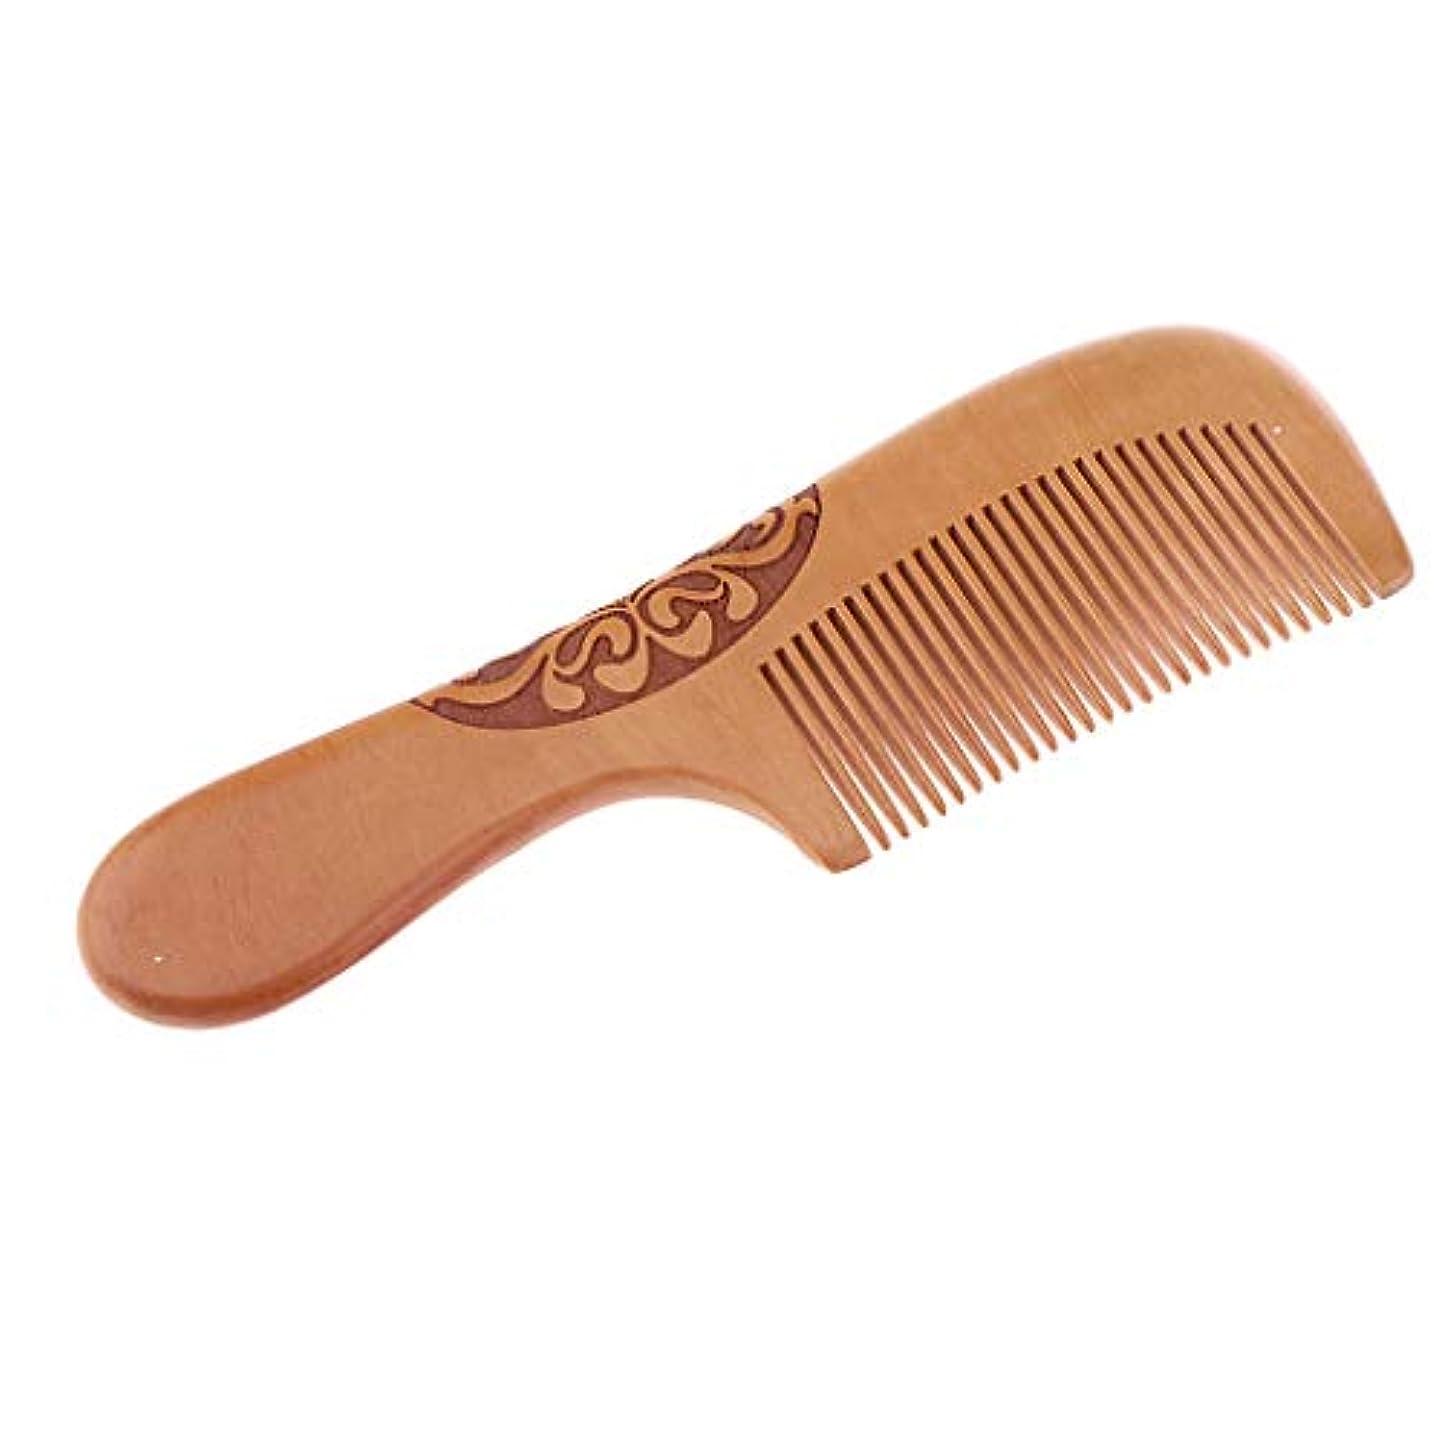 燃料無駄ボーナスヘアコーム 広い歯 櫛 木製 美髪ケア 頭皮マッサージ 4タイプ選べ - H